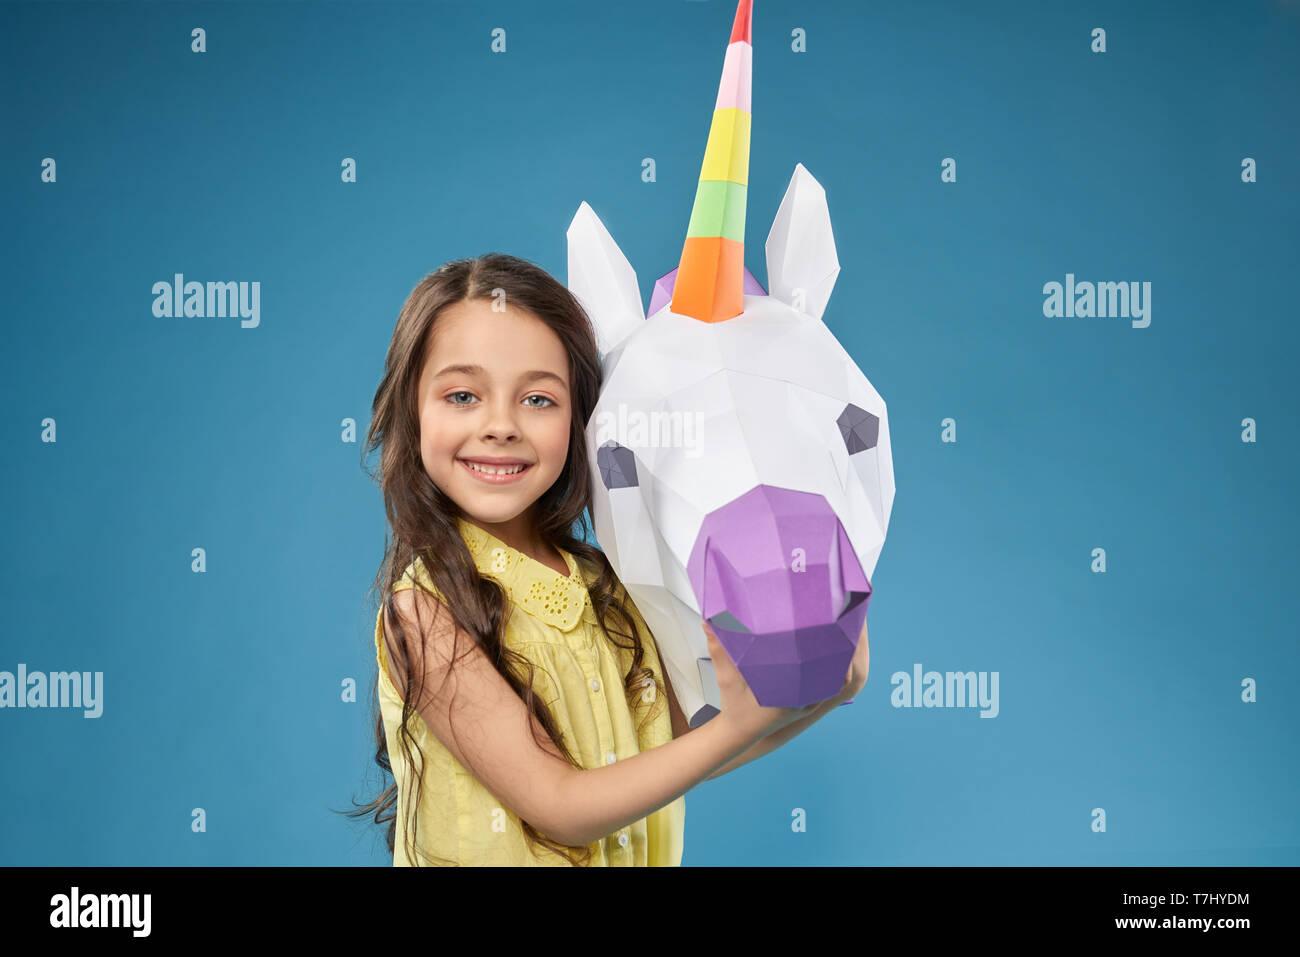 Portret der hübschen, kleinen, glücklichen Modell mit Papier Einhorn. Schöne positive Girl posiert, Kamera, und lächelnd die Hand auf weißen 3D Einhorn Kopf. Papercraft Konzept. Stockbild